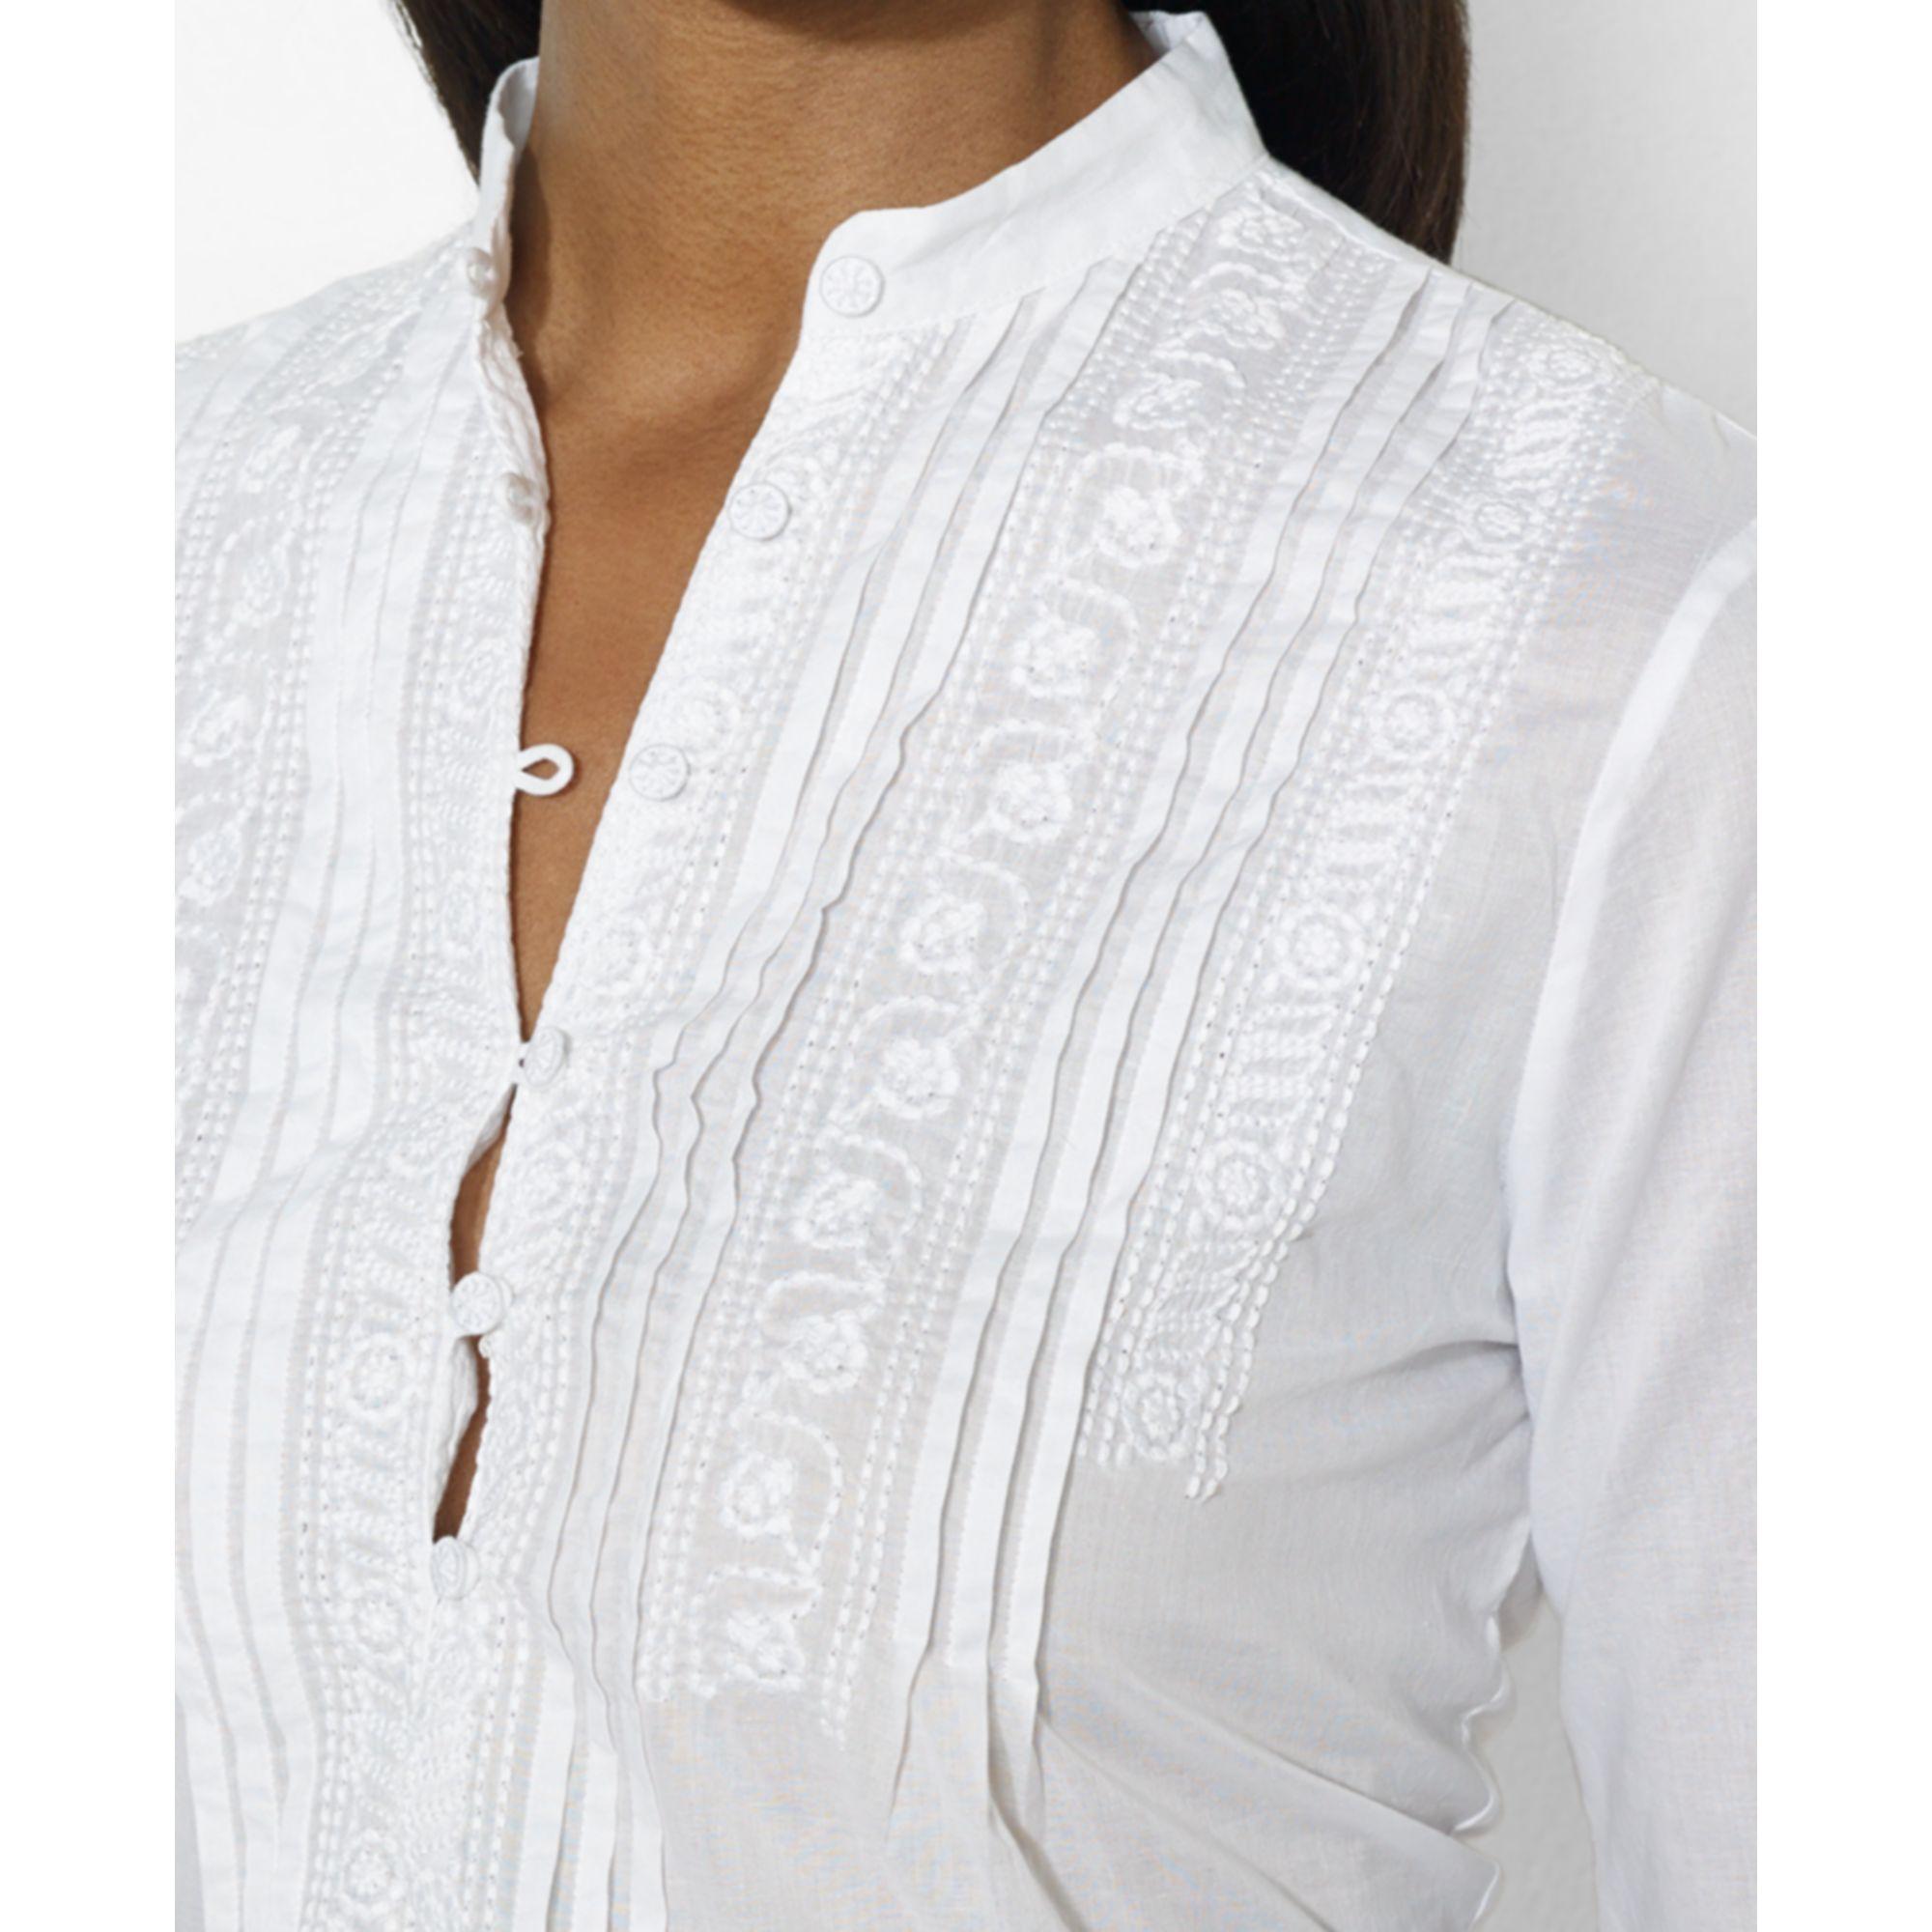 Jones New York White Dresses